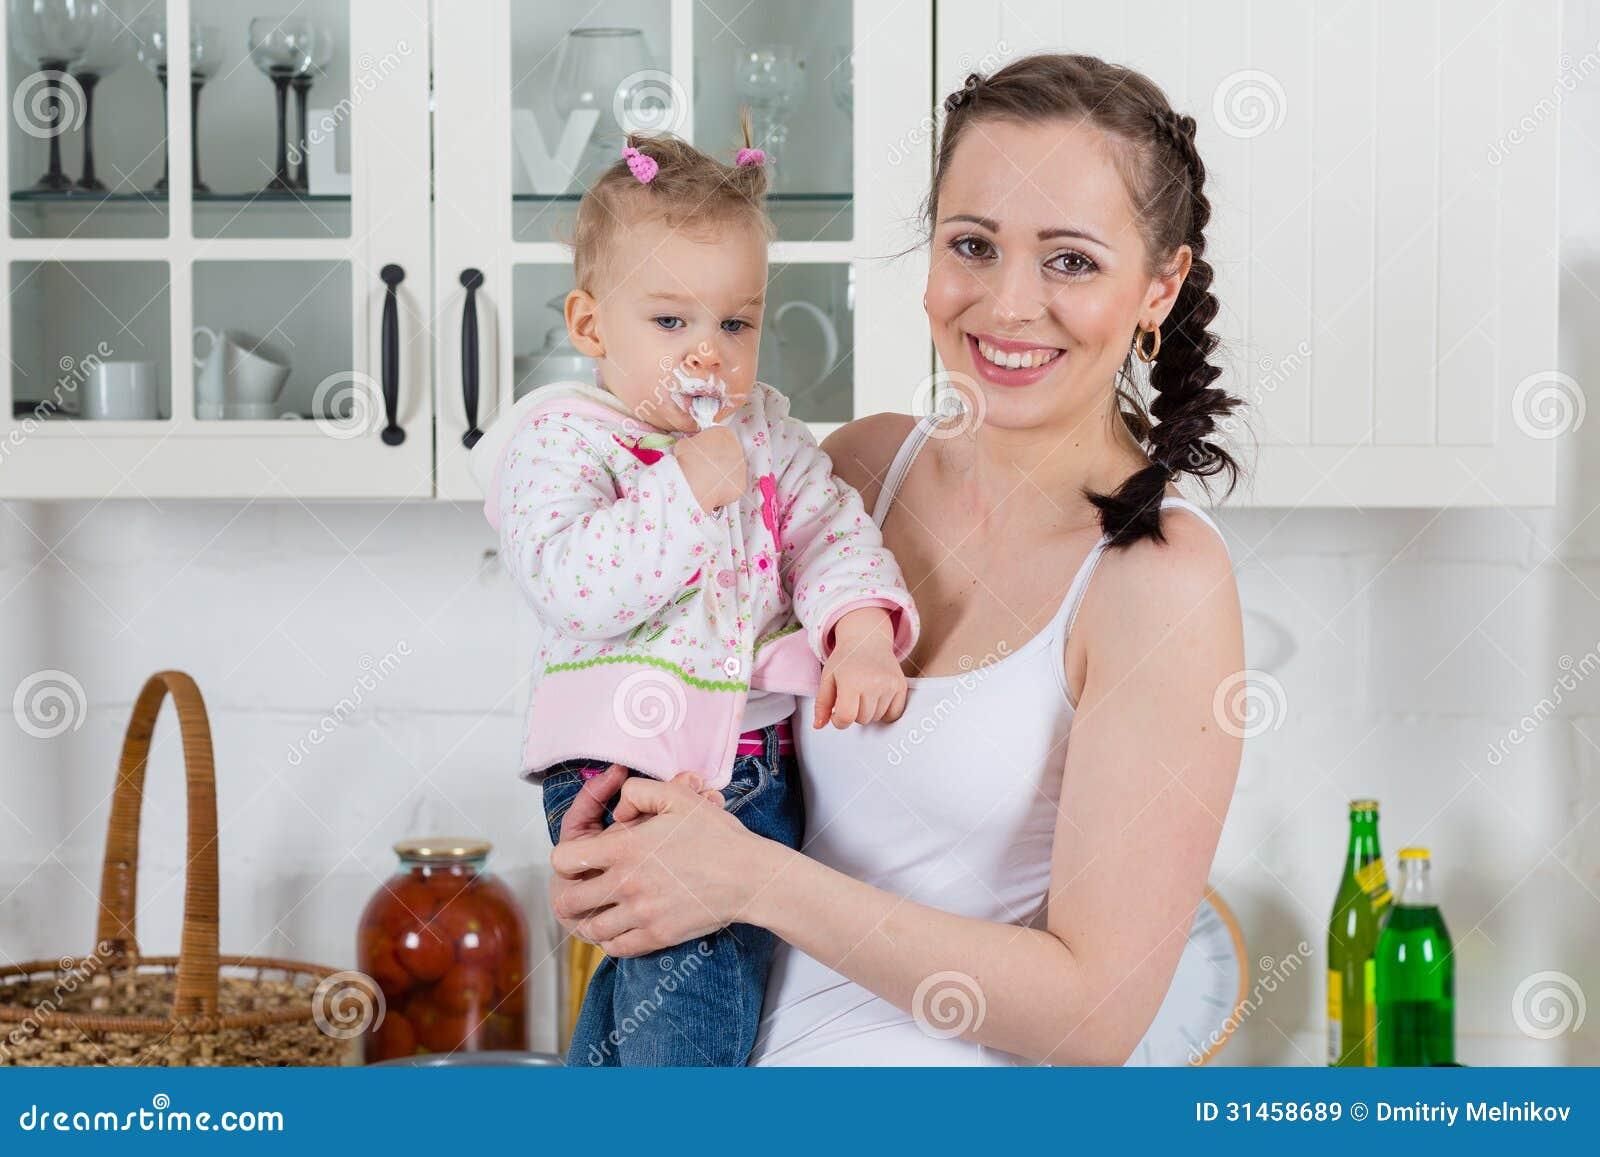 Junge Mutter Zieht Kind In Der Küche Ein. Lizenzfreie